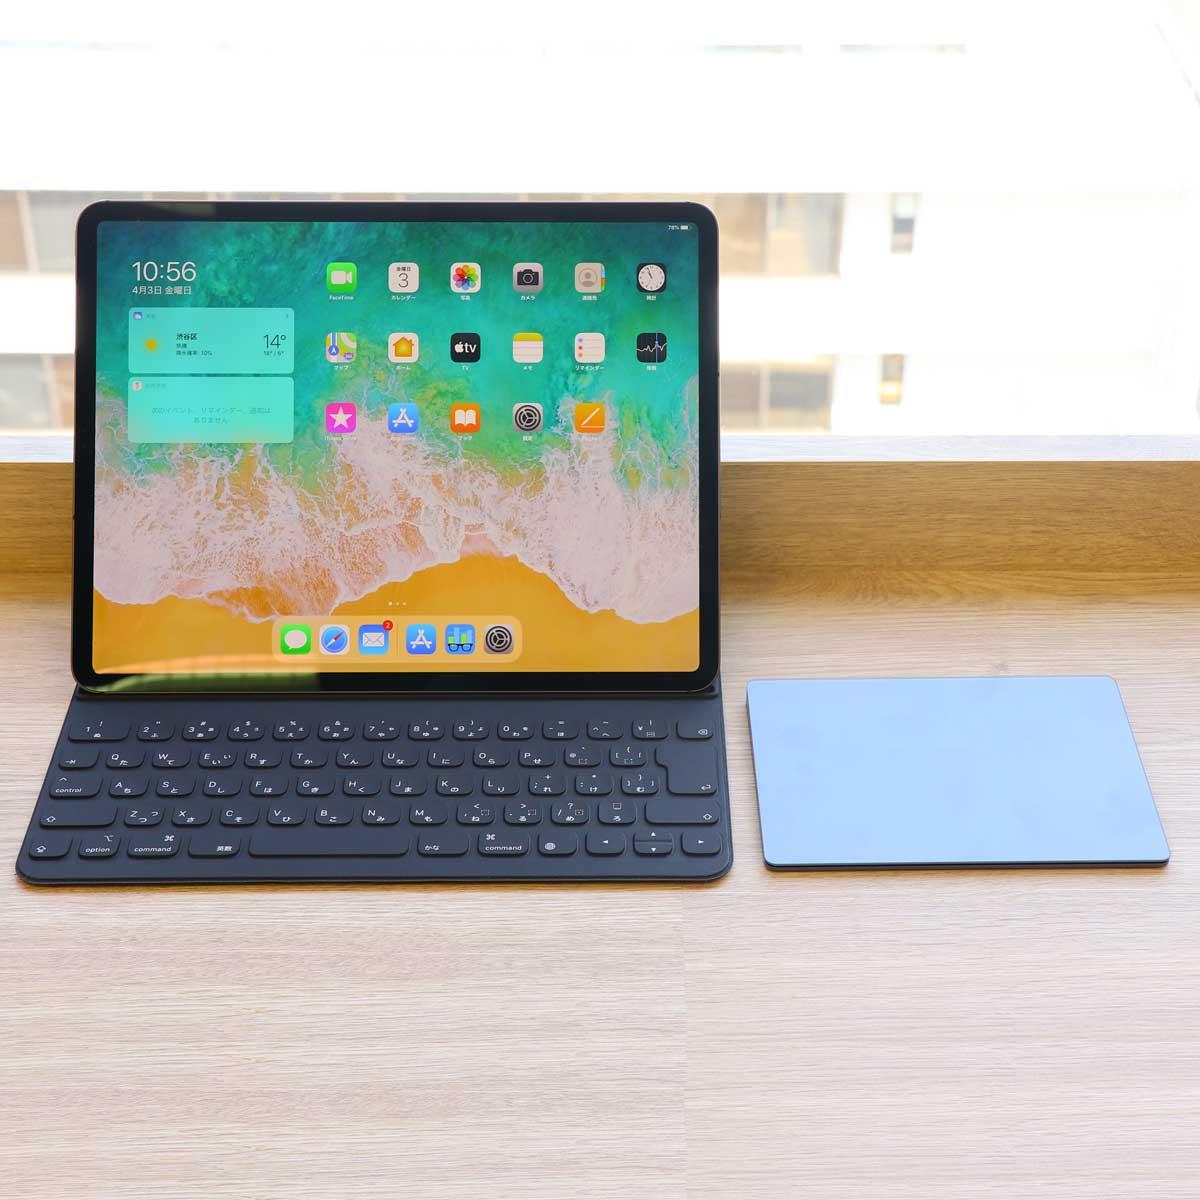 「iPad Pro」2020年モデルをレビュー。トラックパッド対応で操作性はMac以上?